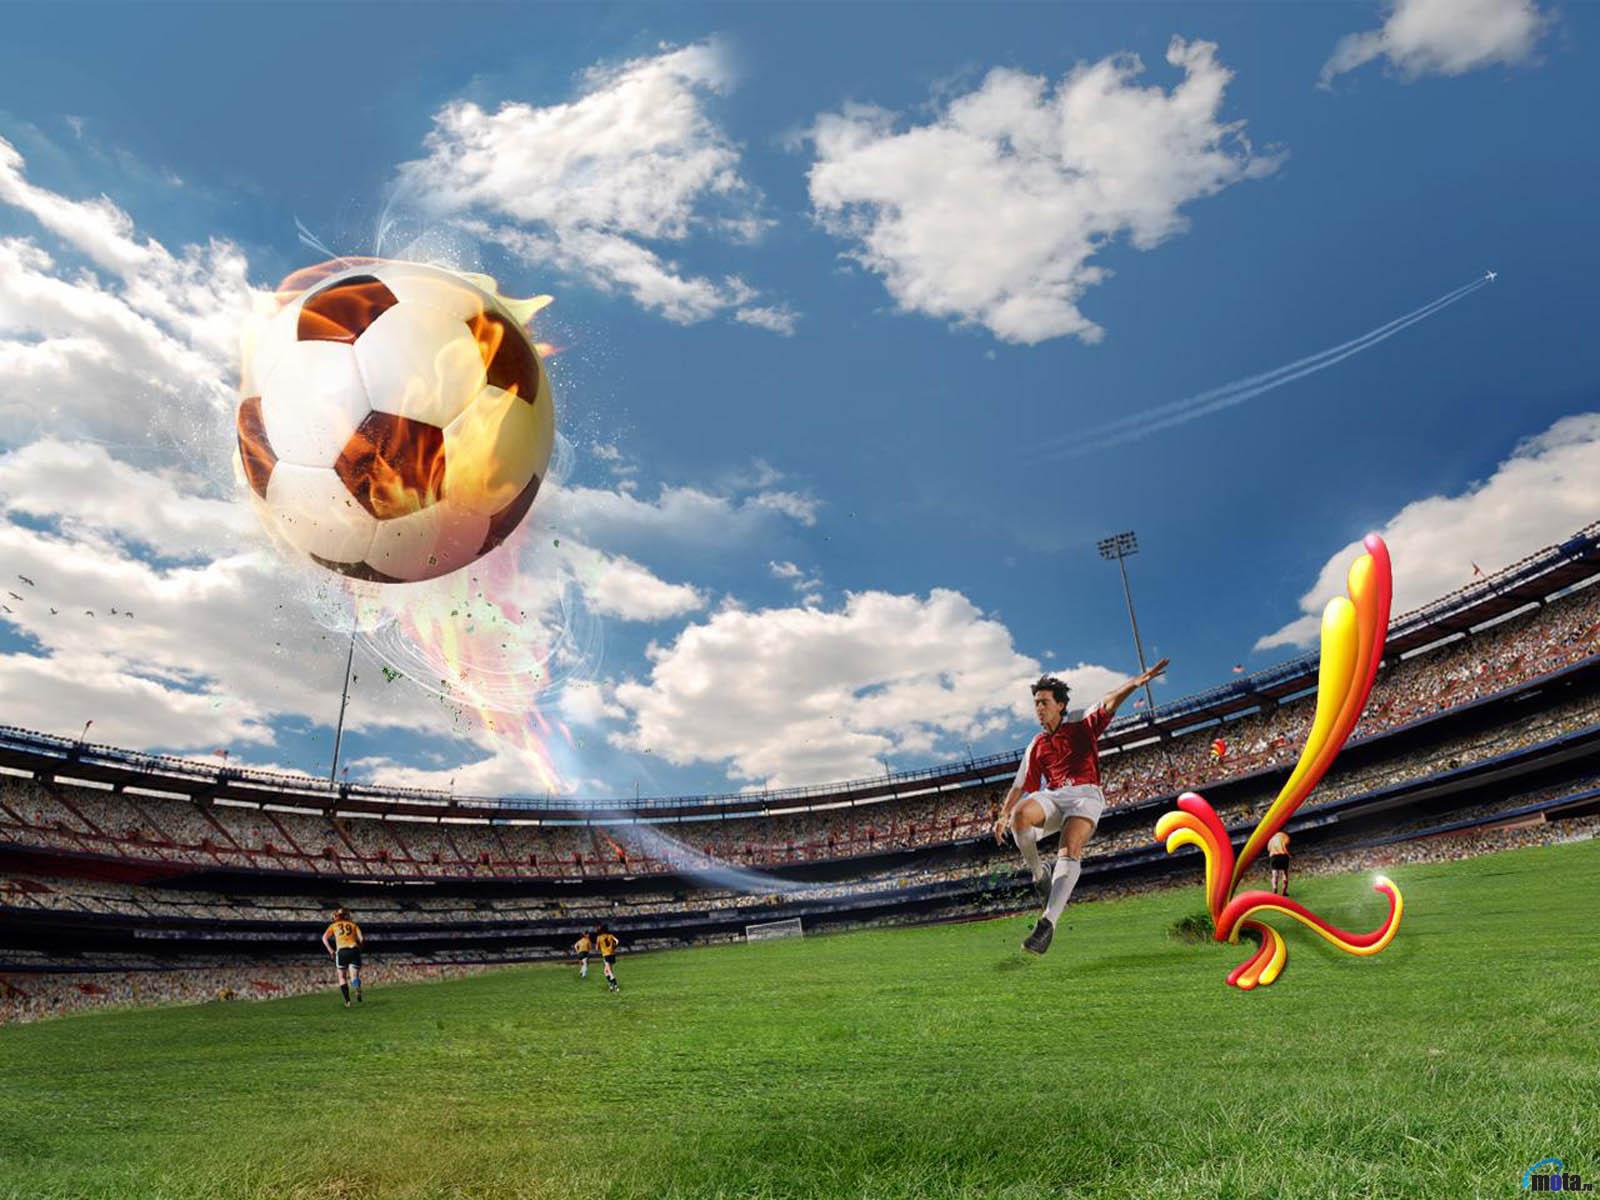 футбол, мяч, фото, обои для рабочего стола